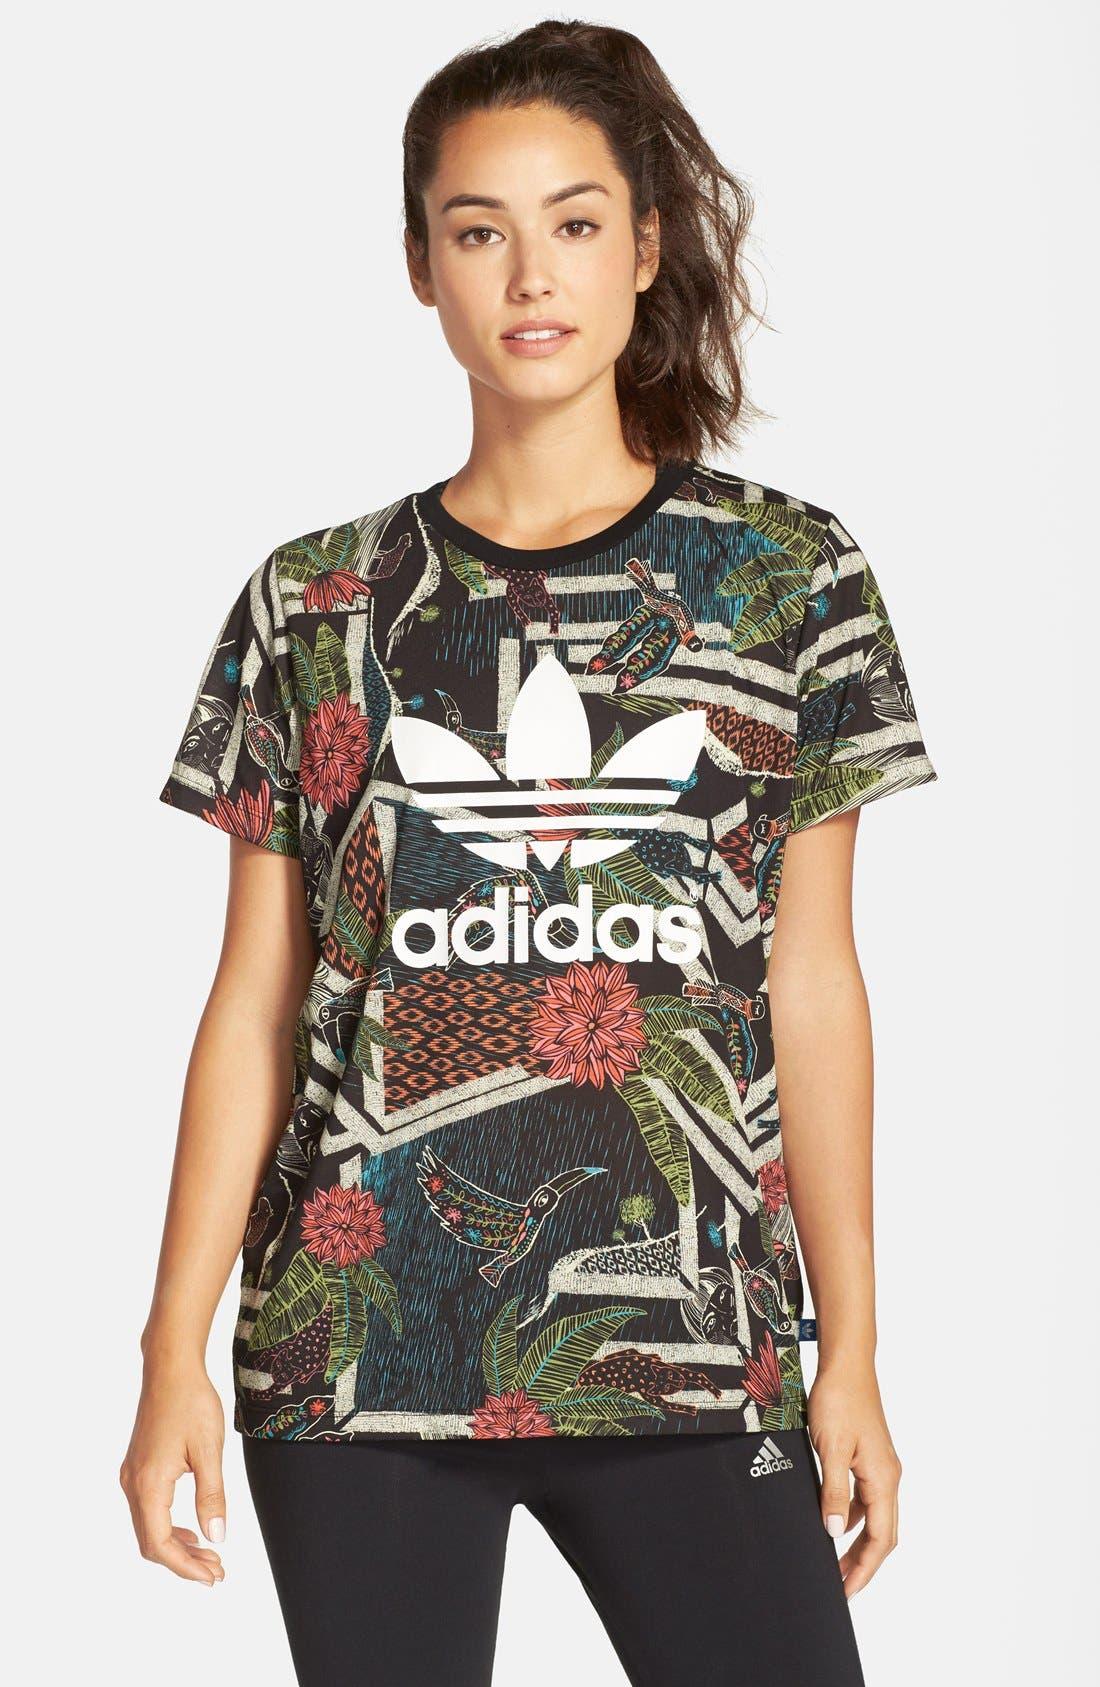 Main Image - adidas 'Xilofloresta' Logo Print Jersey Tee